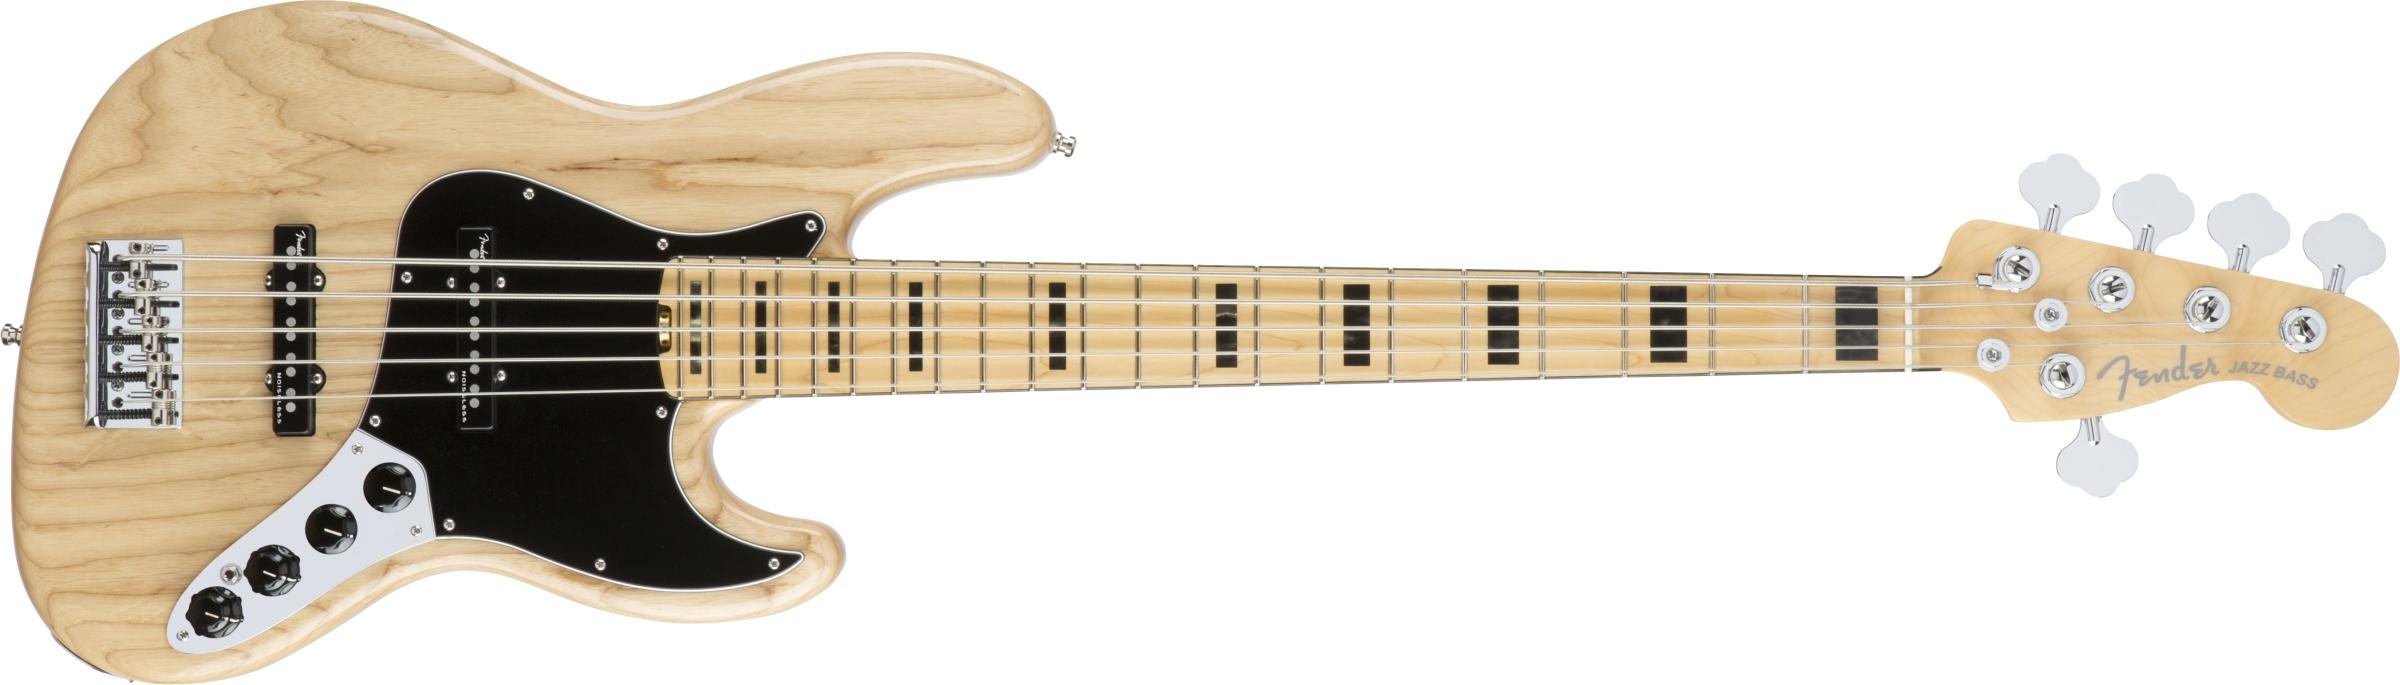 american elite jazz bass v electric basses. Black Bedroom Furniture Sets. Home Design Ideas